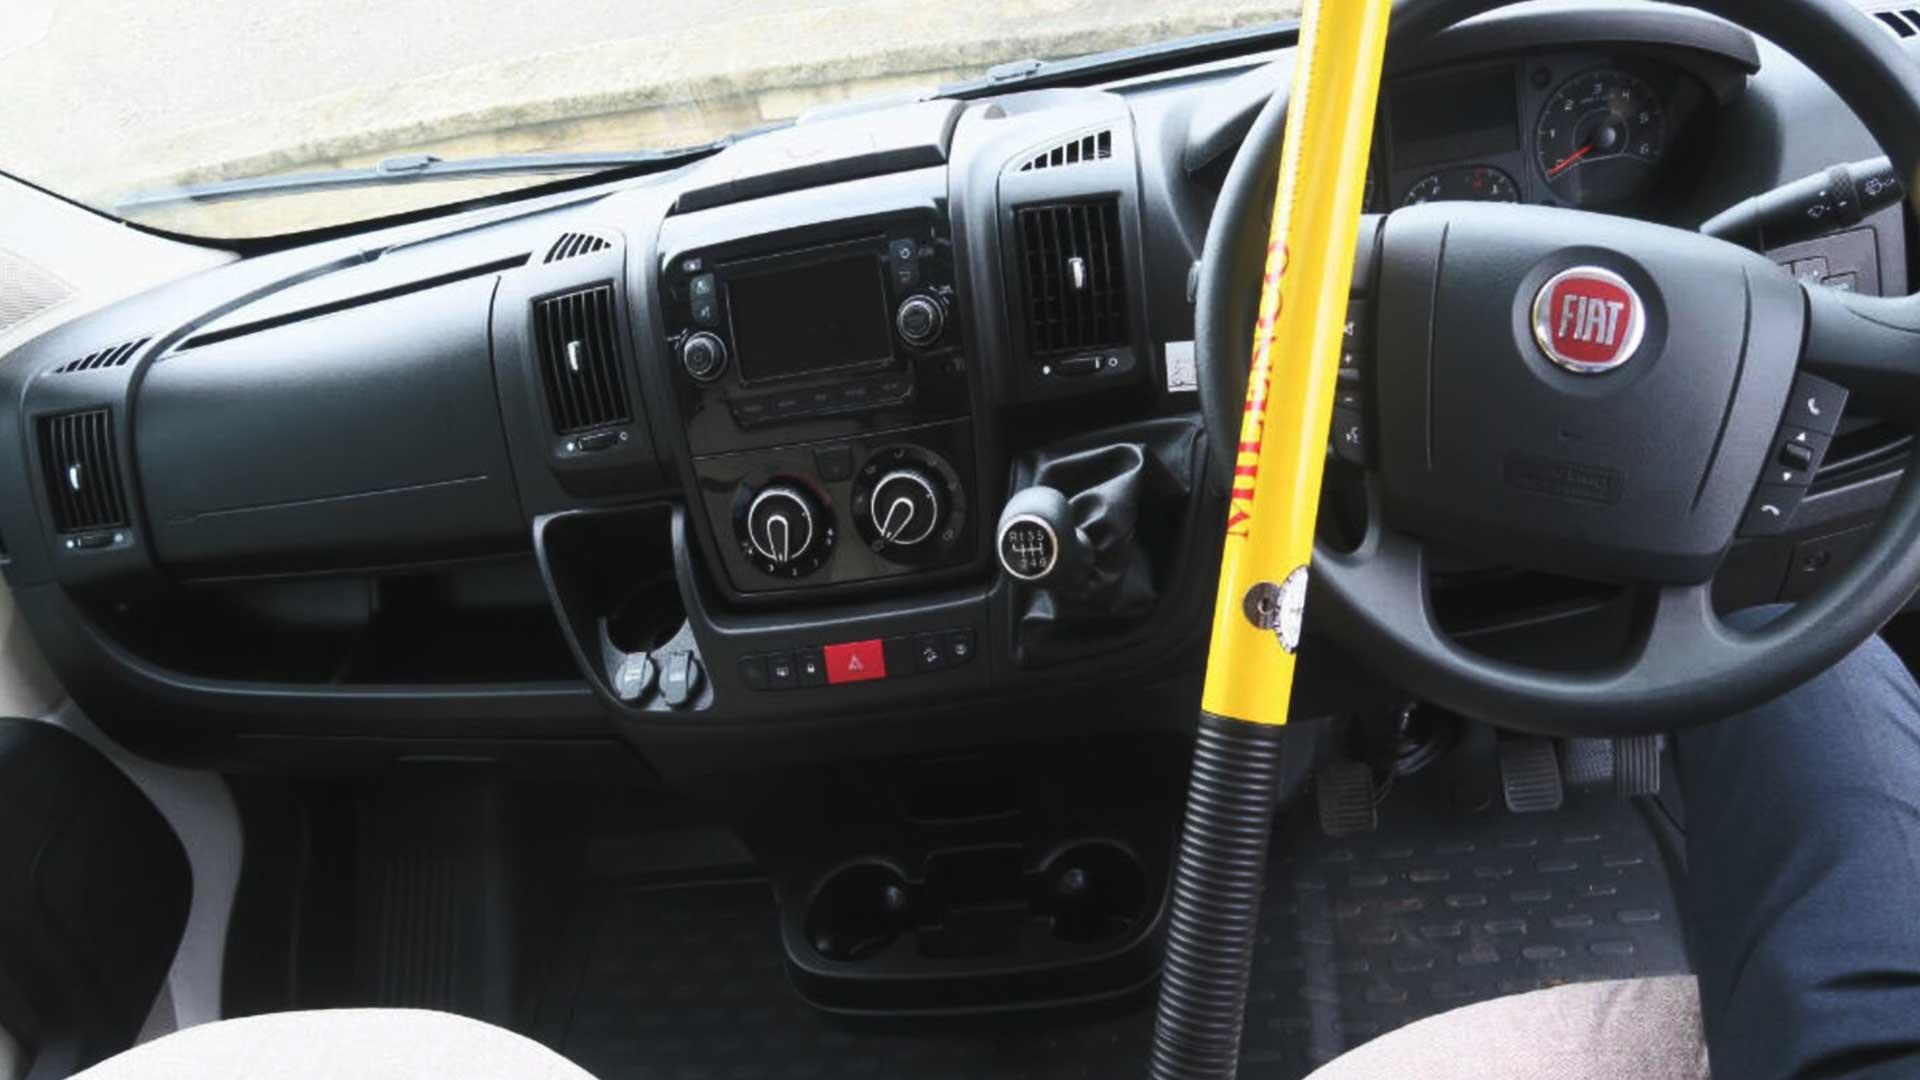 motorhome steering wheel lock